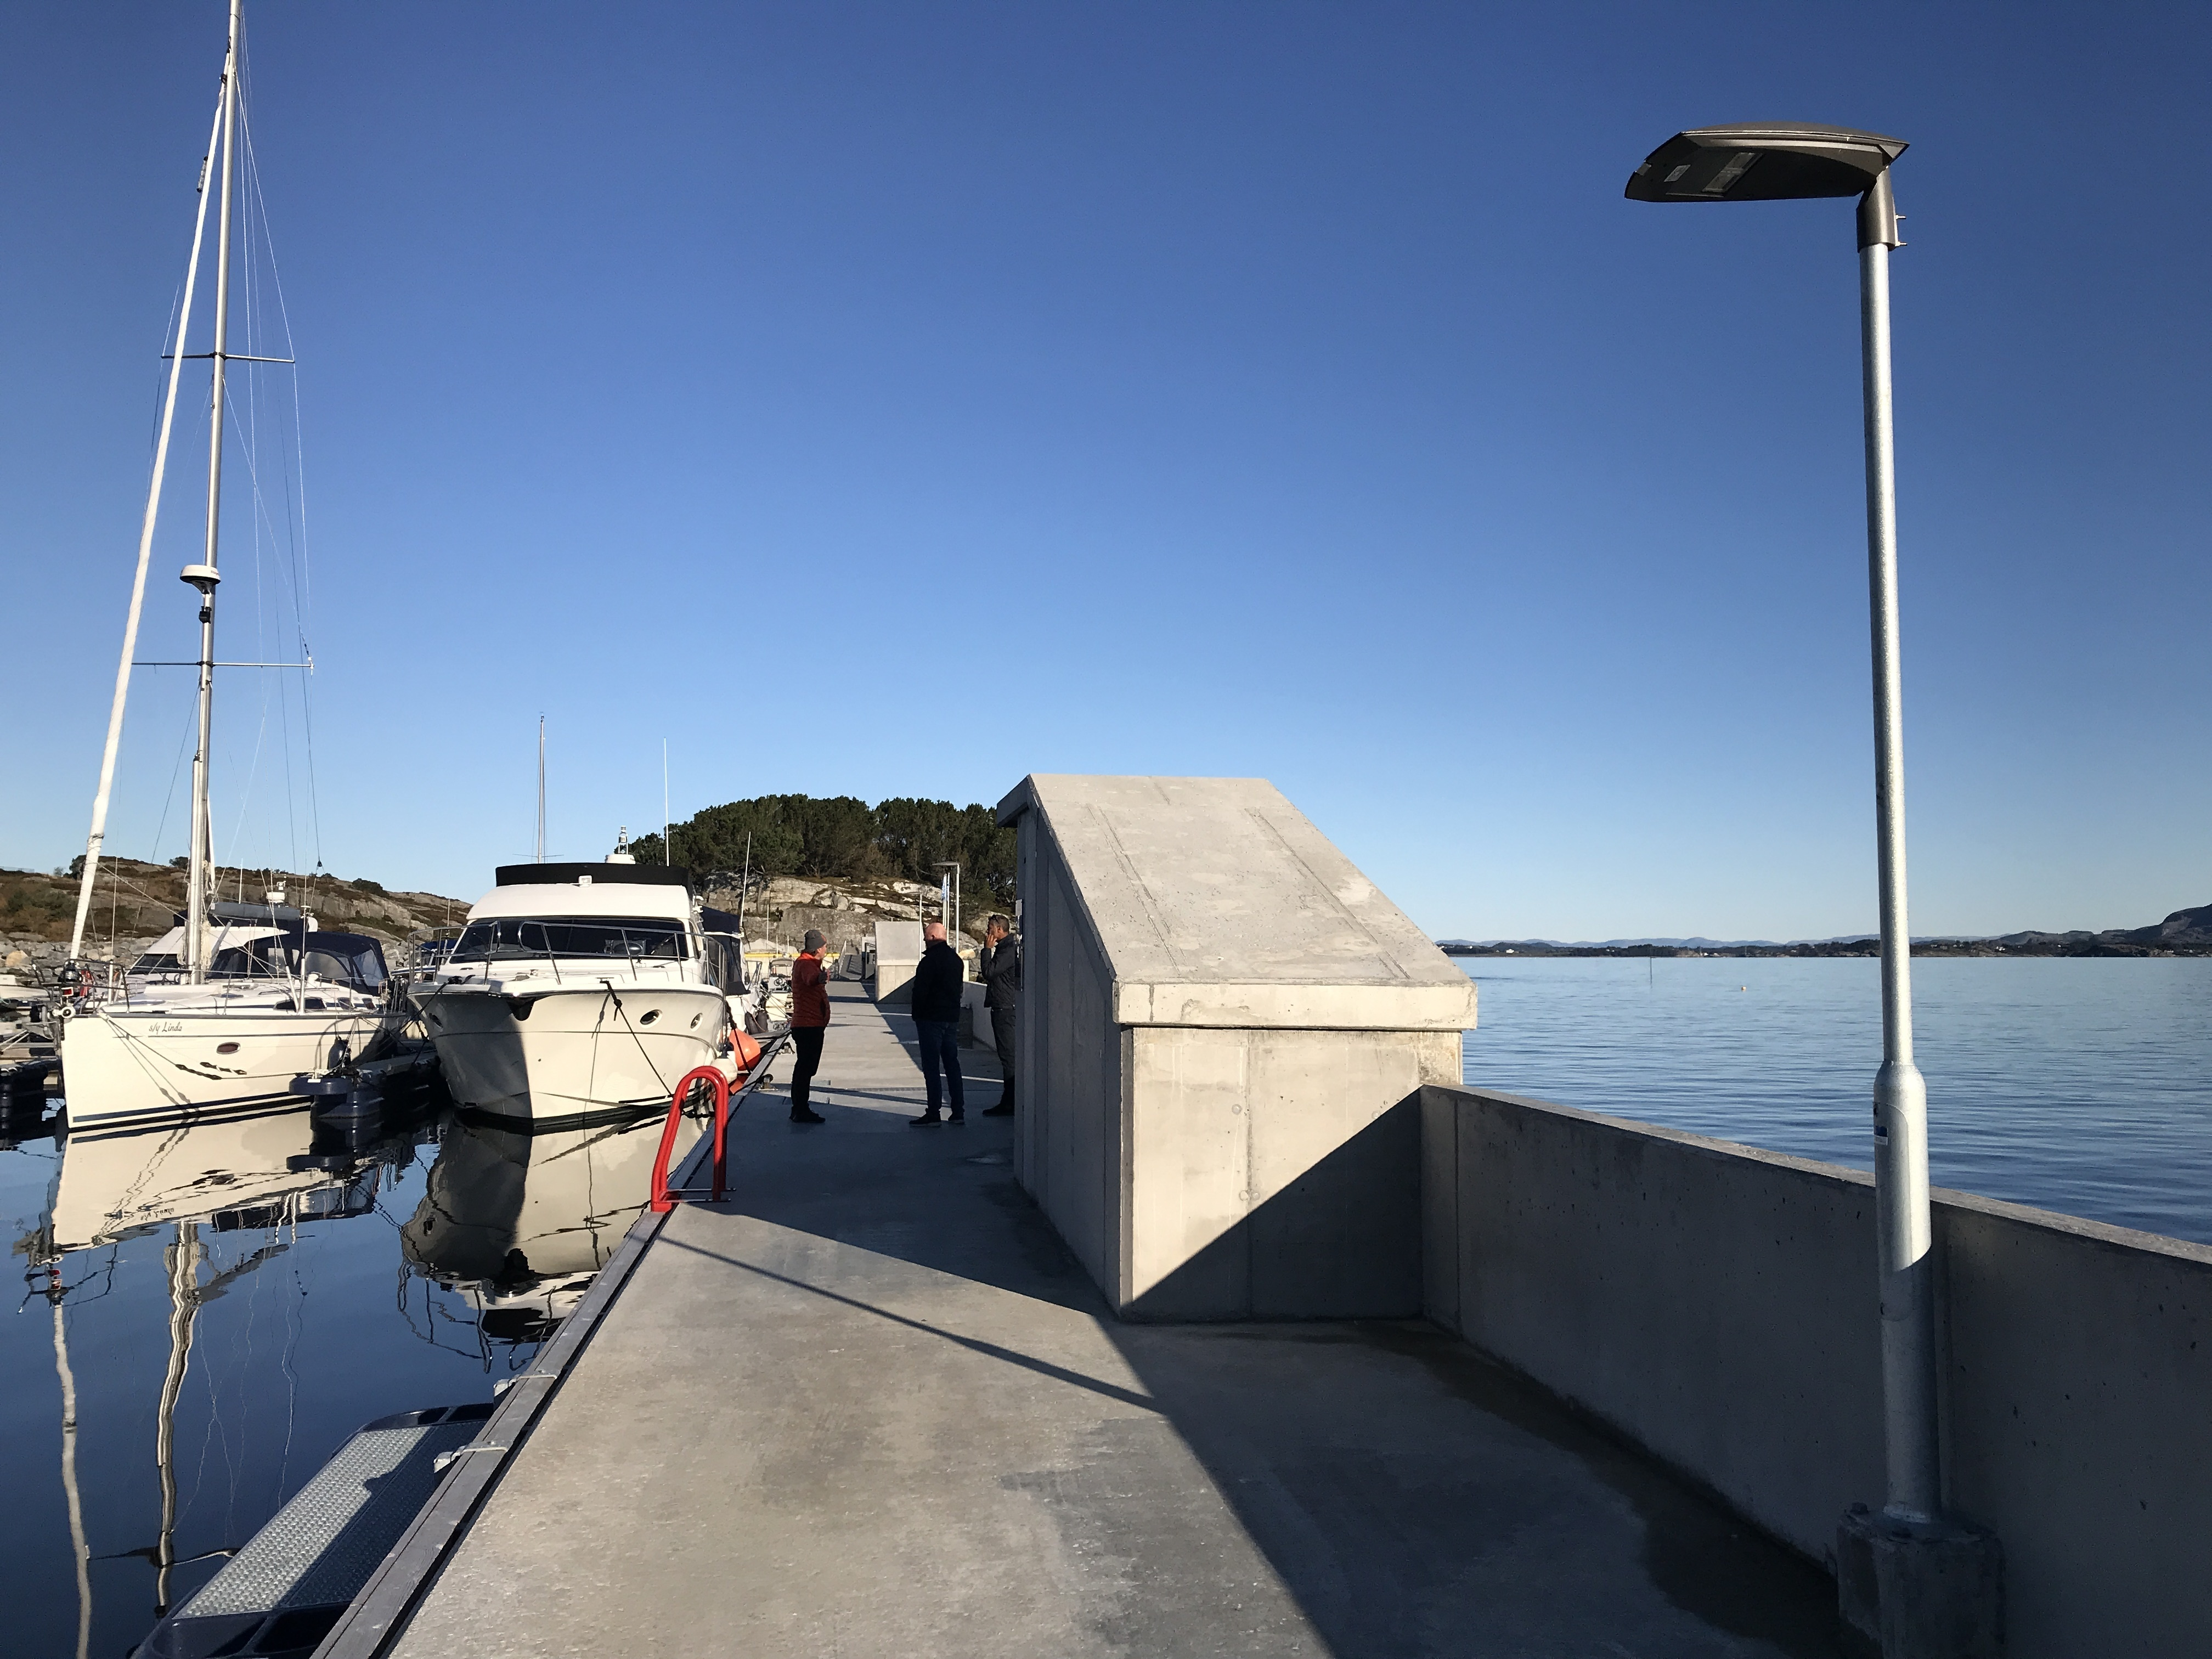 https://www.marinasolutions.no/uploads/Flytemolo_rennebrygger_landgang-Hjeltefjorden-Båtlag-og-Gjestehavn-69.JPG